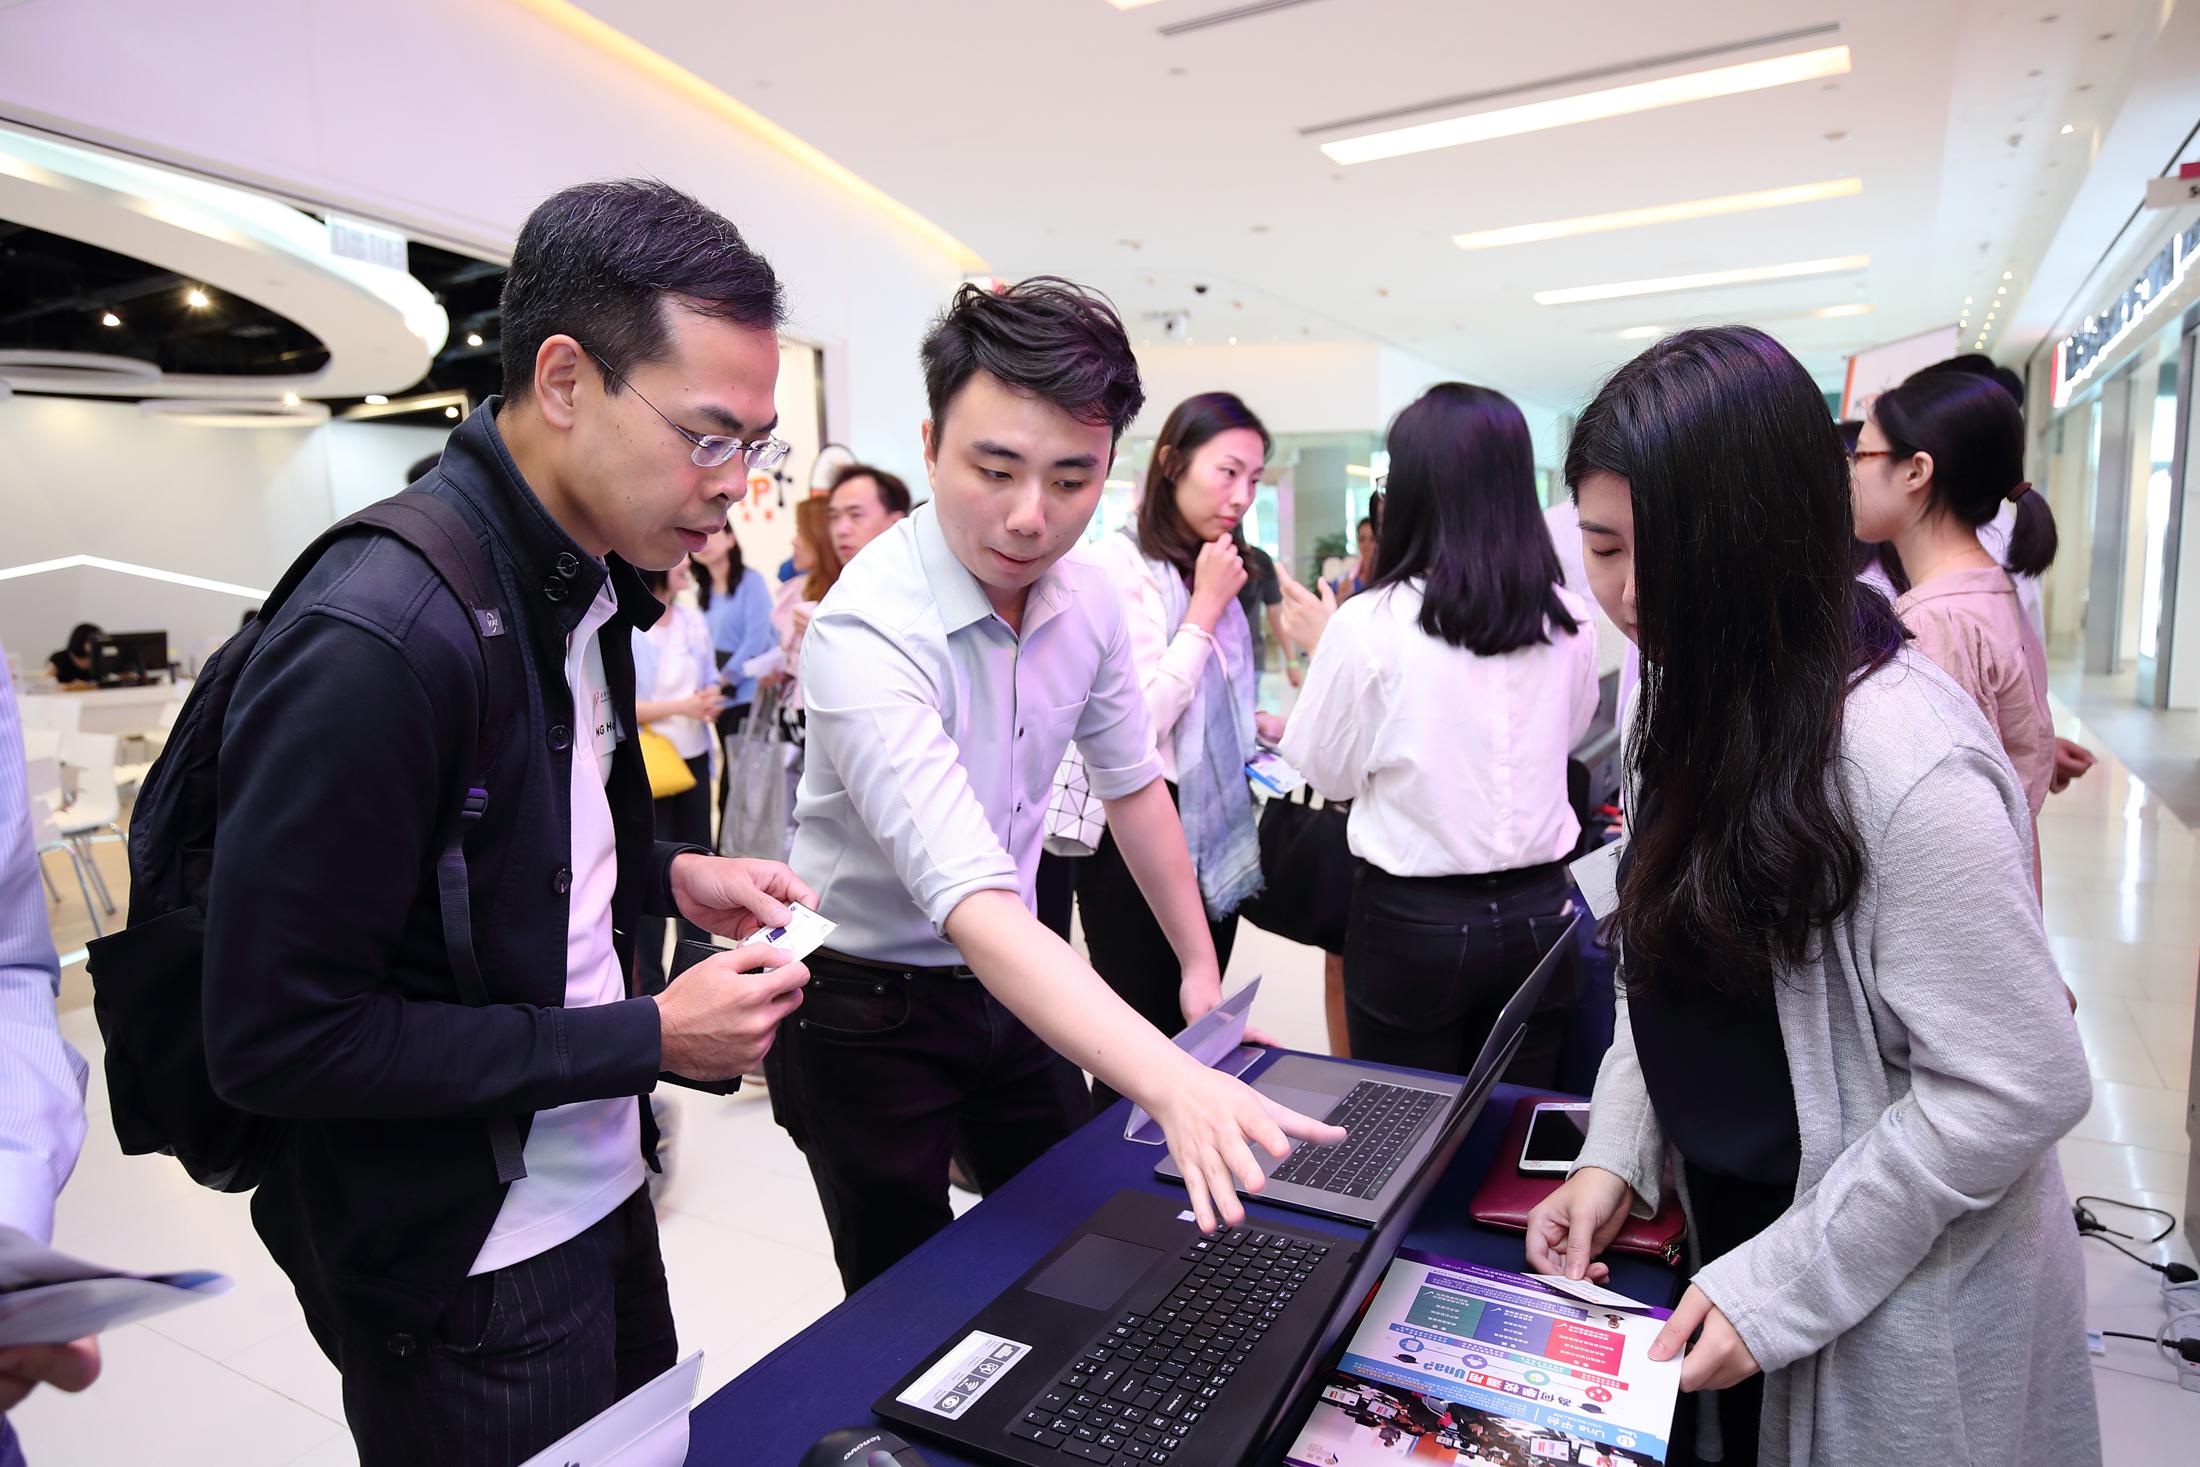 IndustryConnect With HKU Graduates Association Education Foundation (HKUGAEF) 3